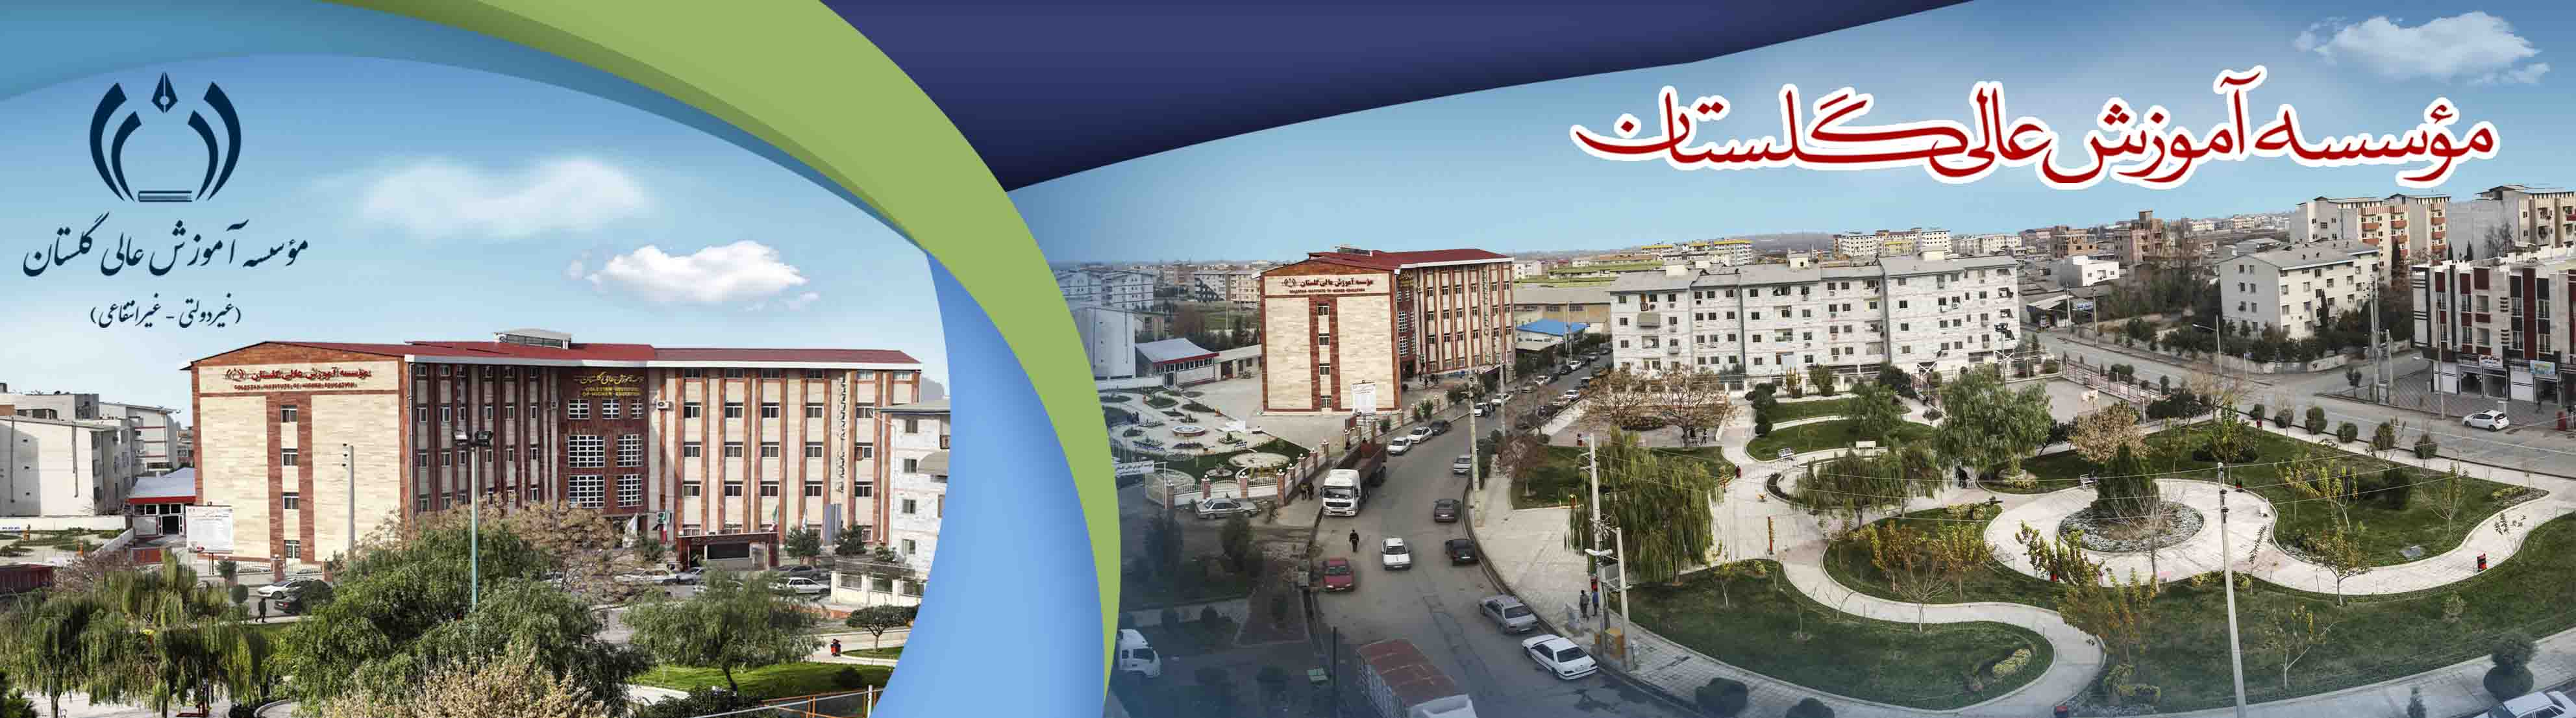 مؤسسه آموزش عالی گلستان